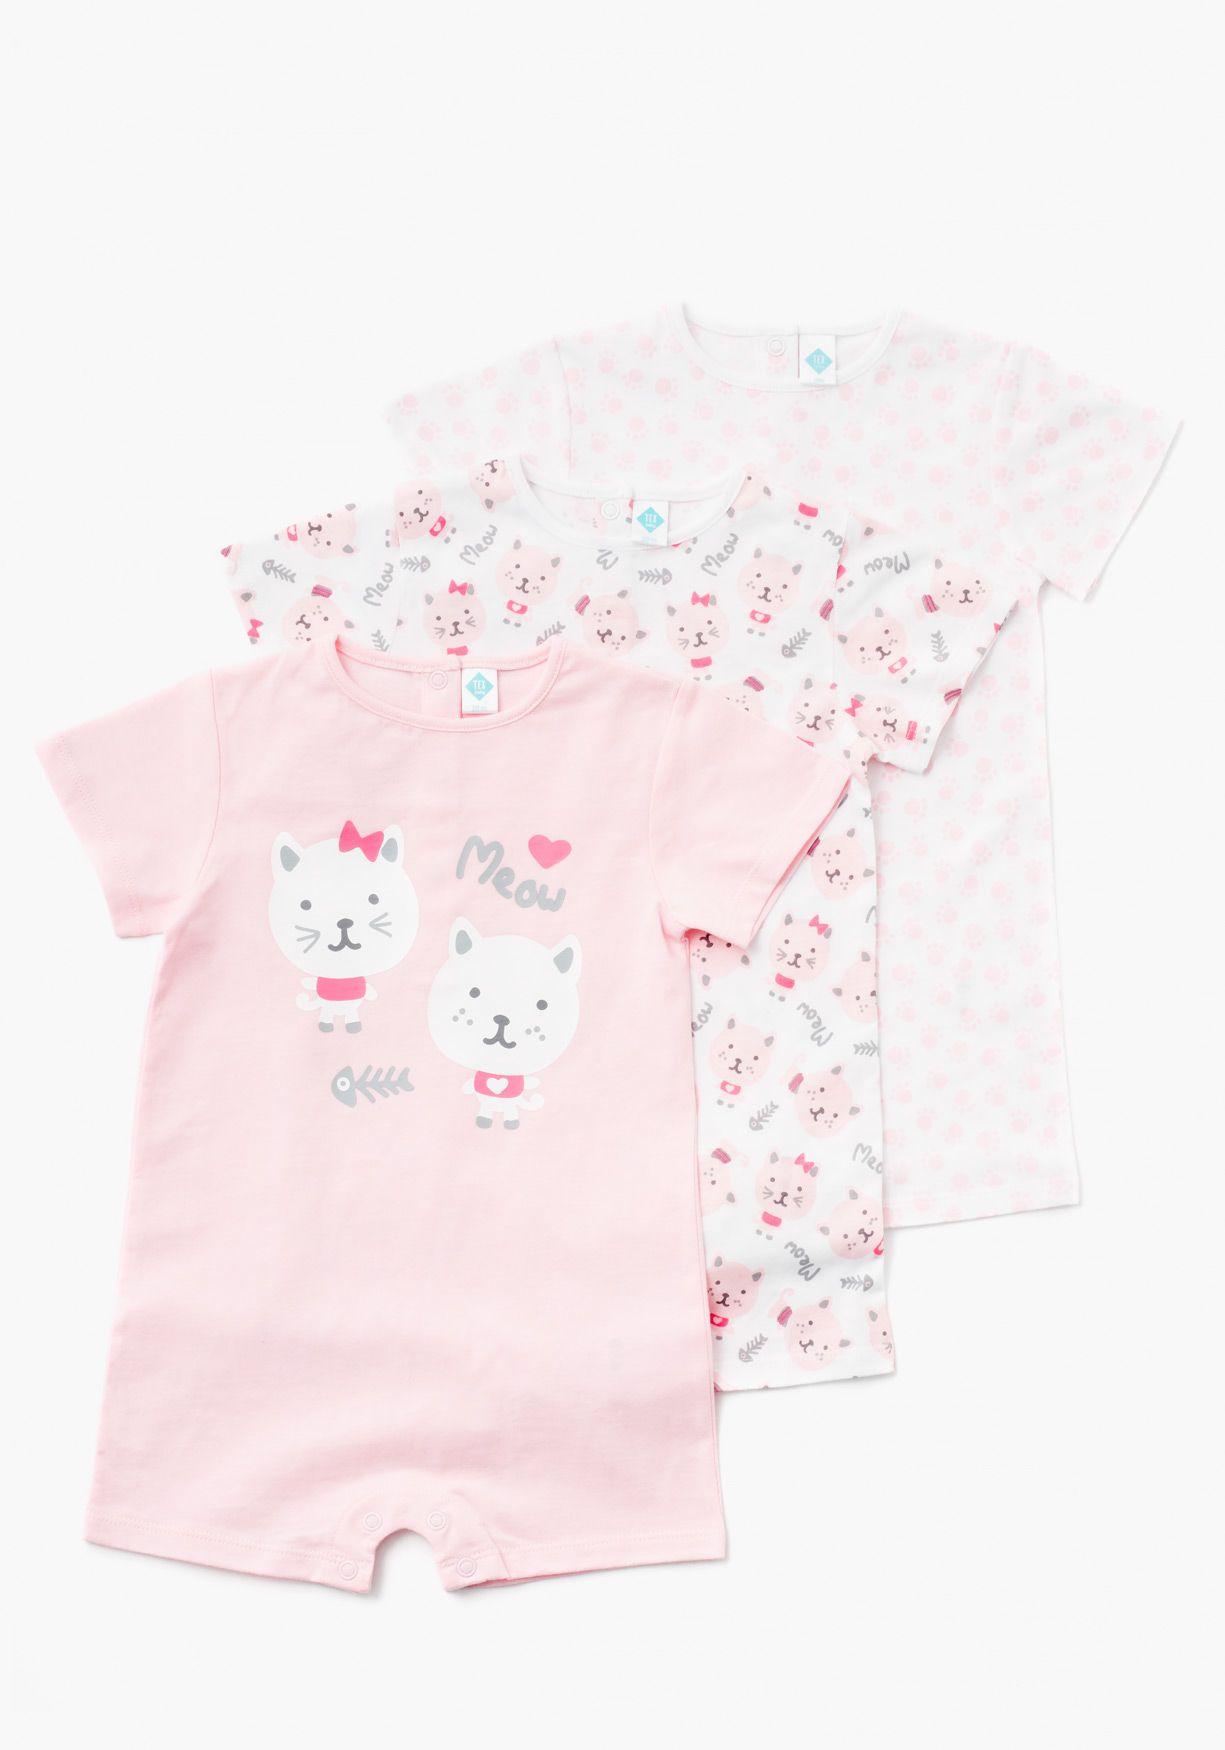 f20a0437b Pack de tres pijamas de una pieza unisex para recién nacido. De manga corta  estampado